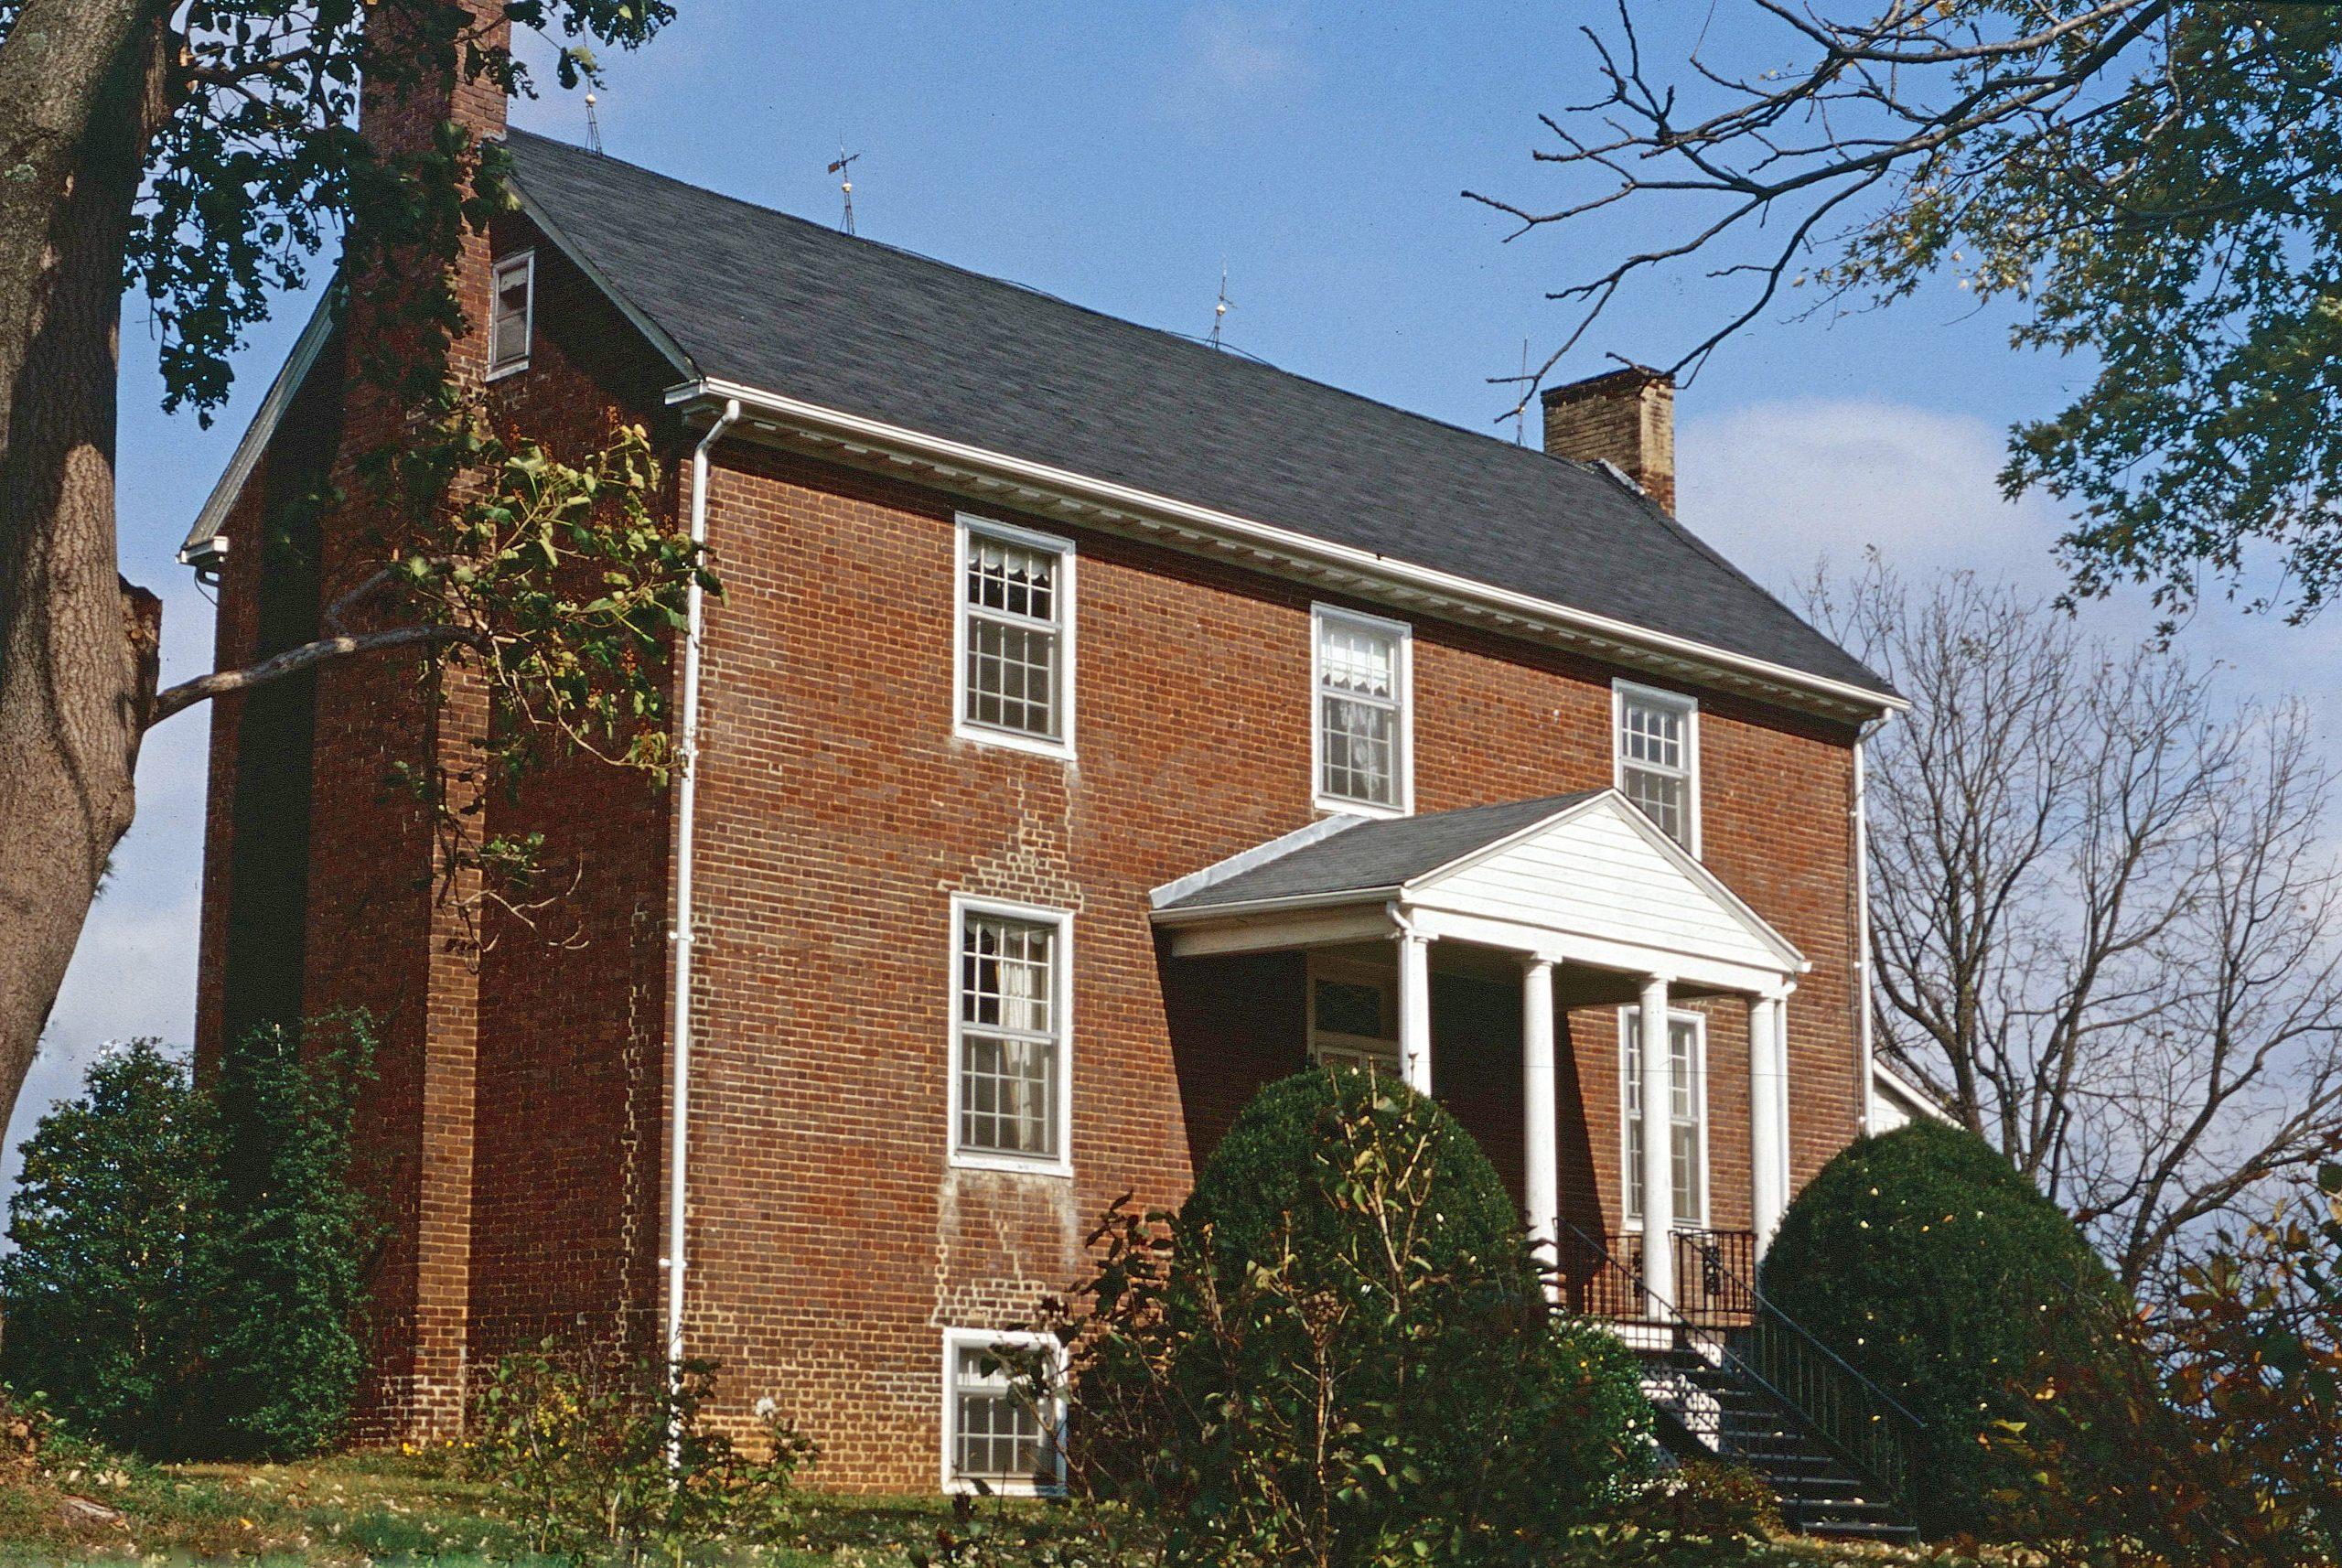 Finney-Lee House